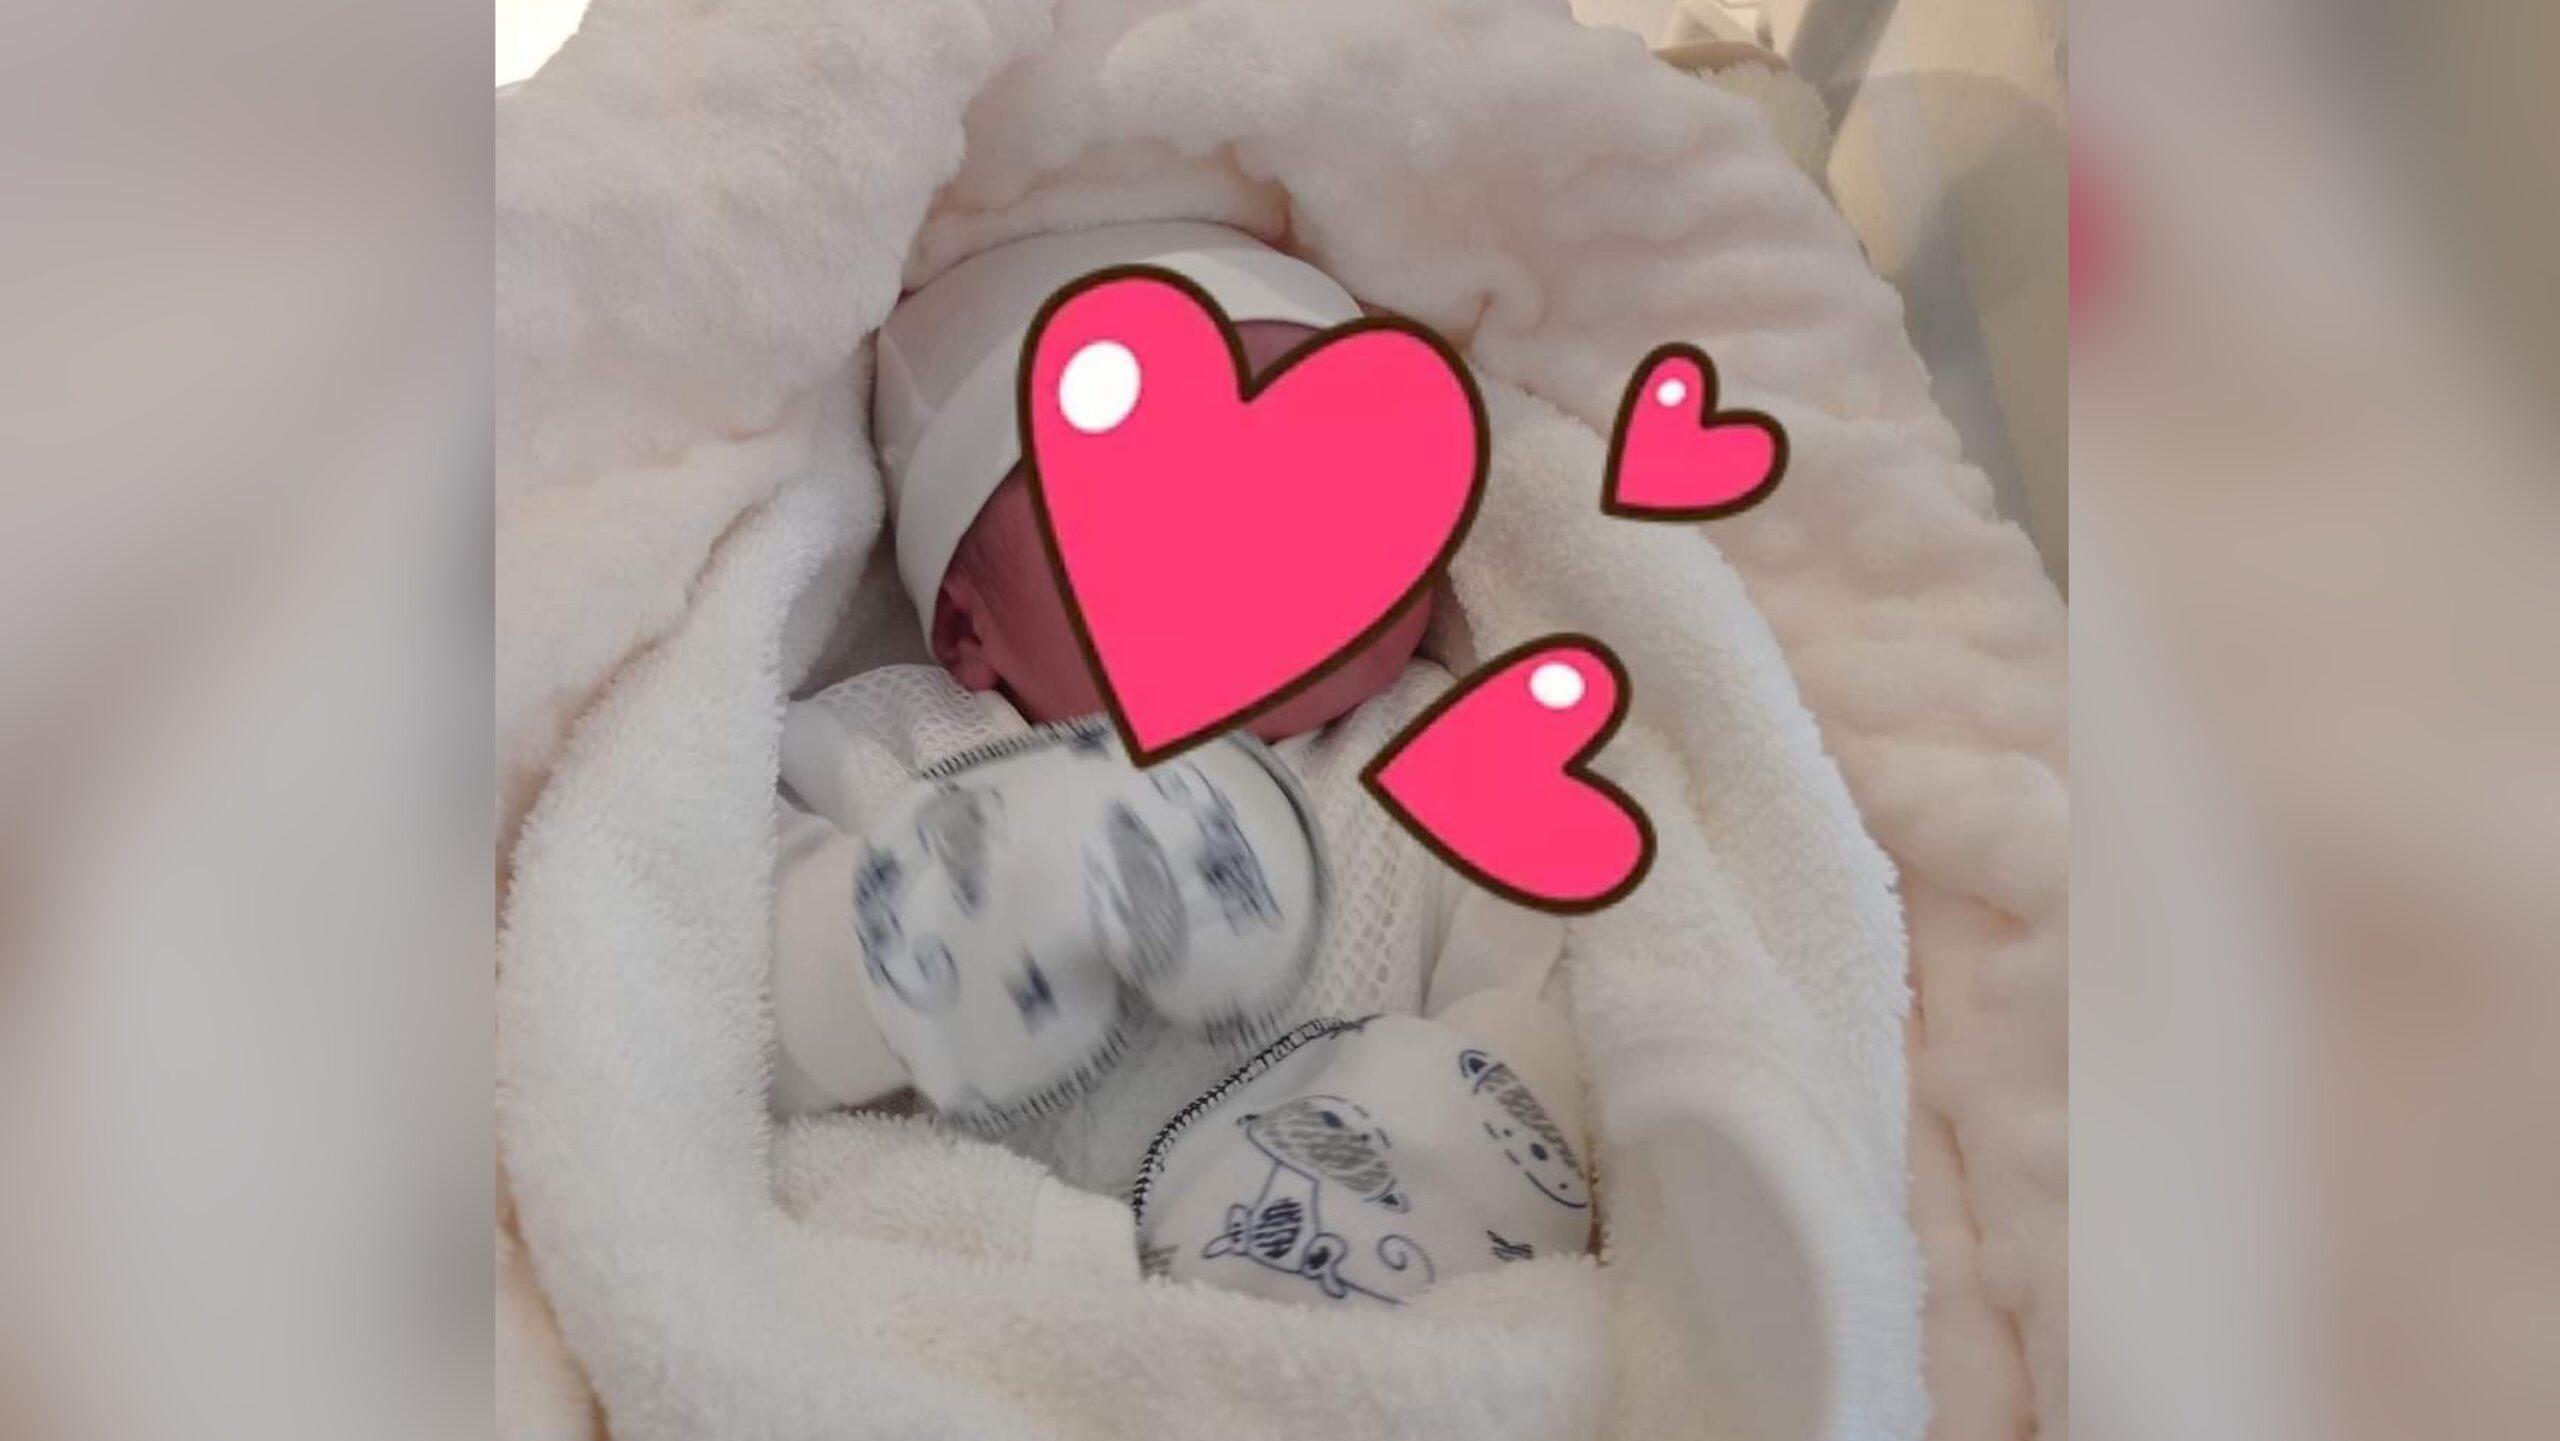 صورة تهنئة بمناسبة ازدياد مولود للزميل لحسن بن سي